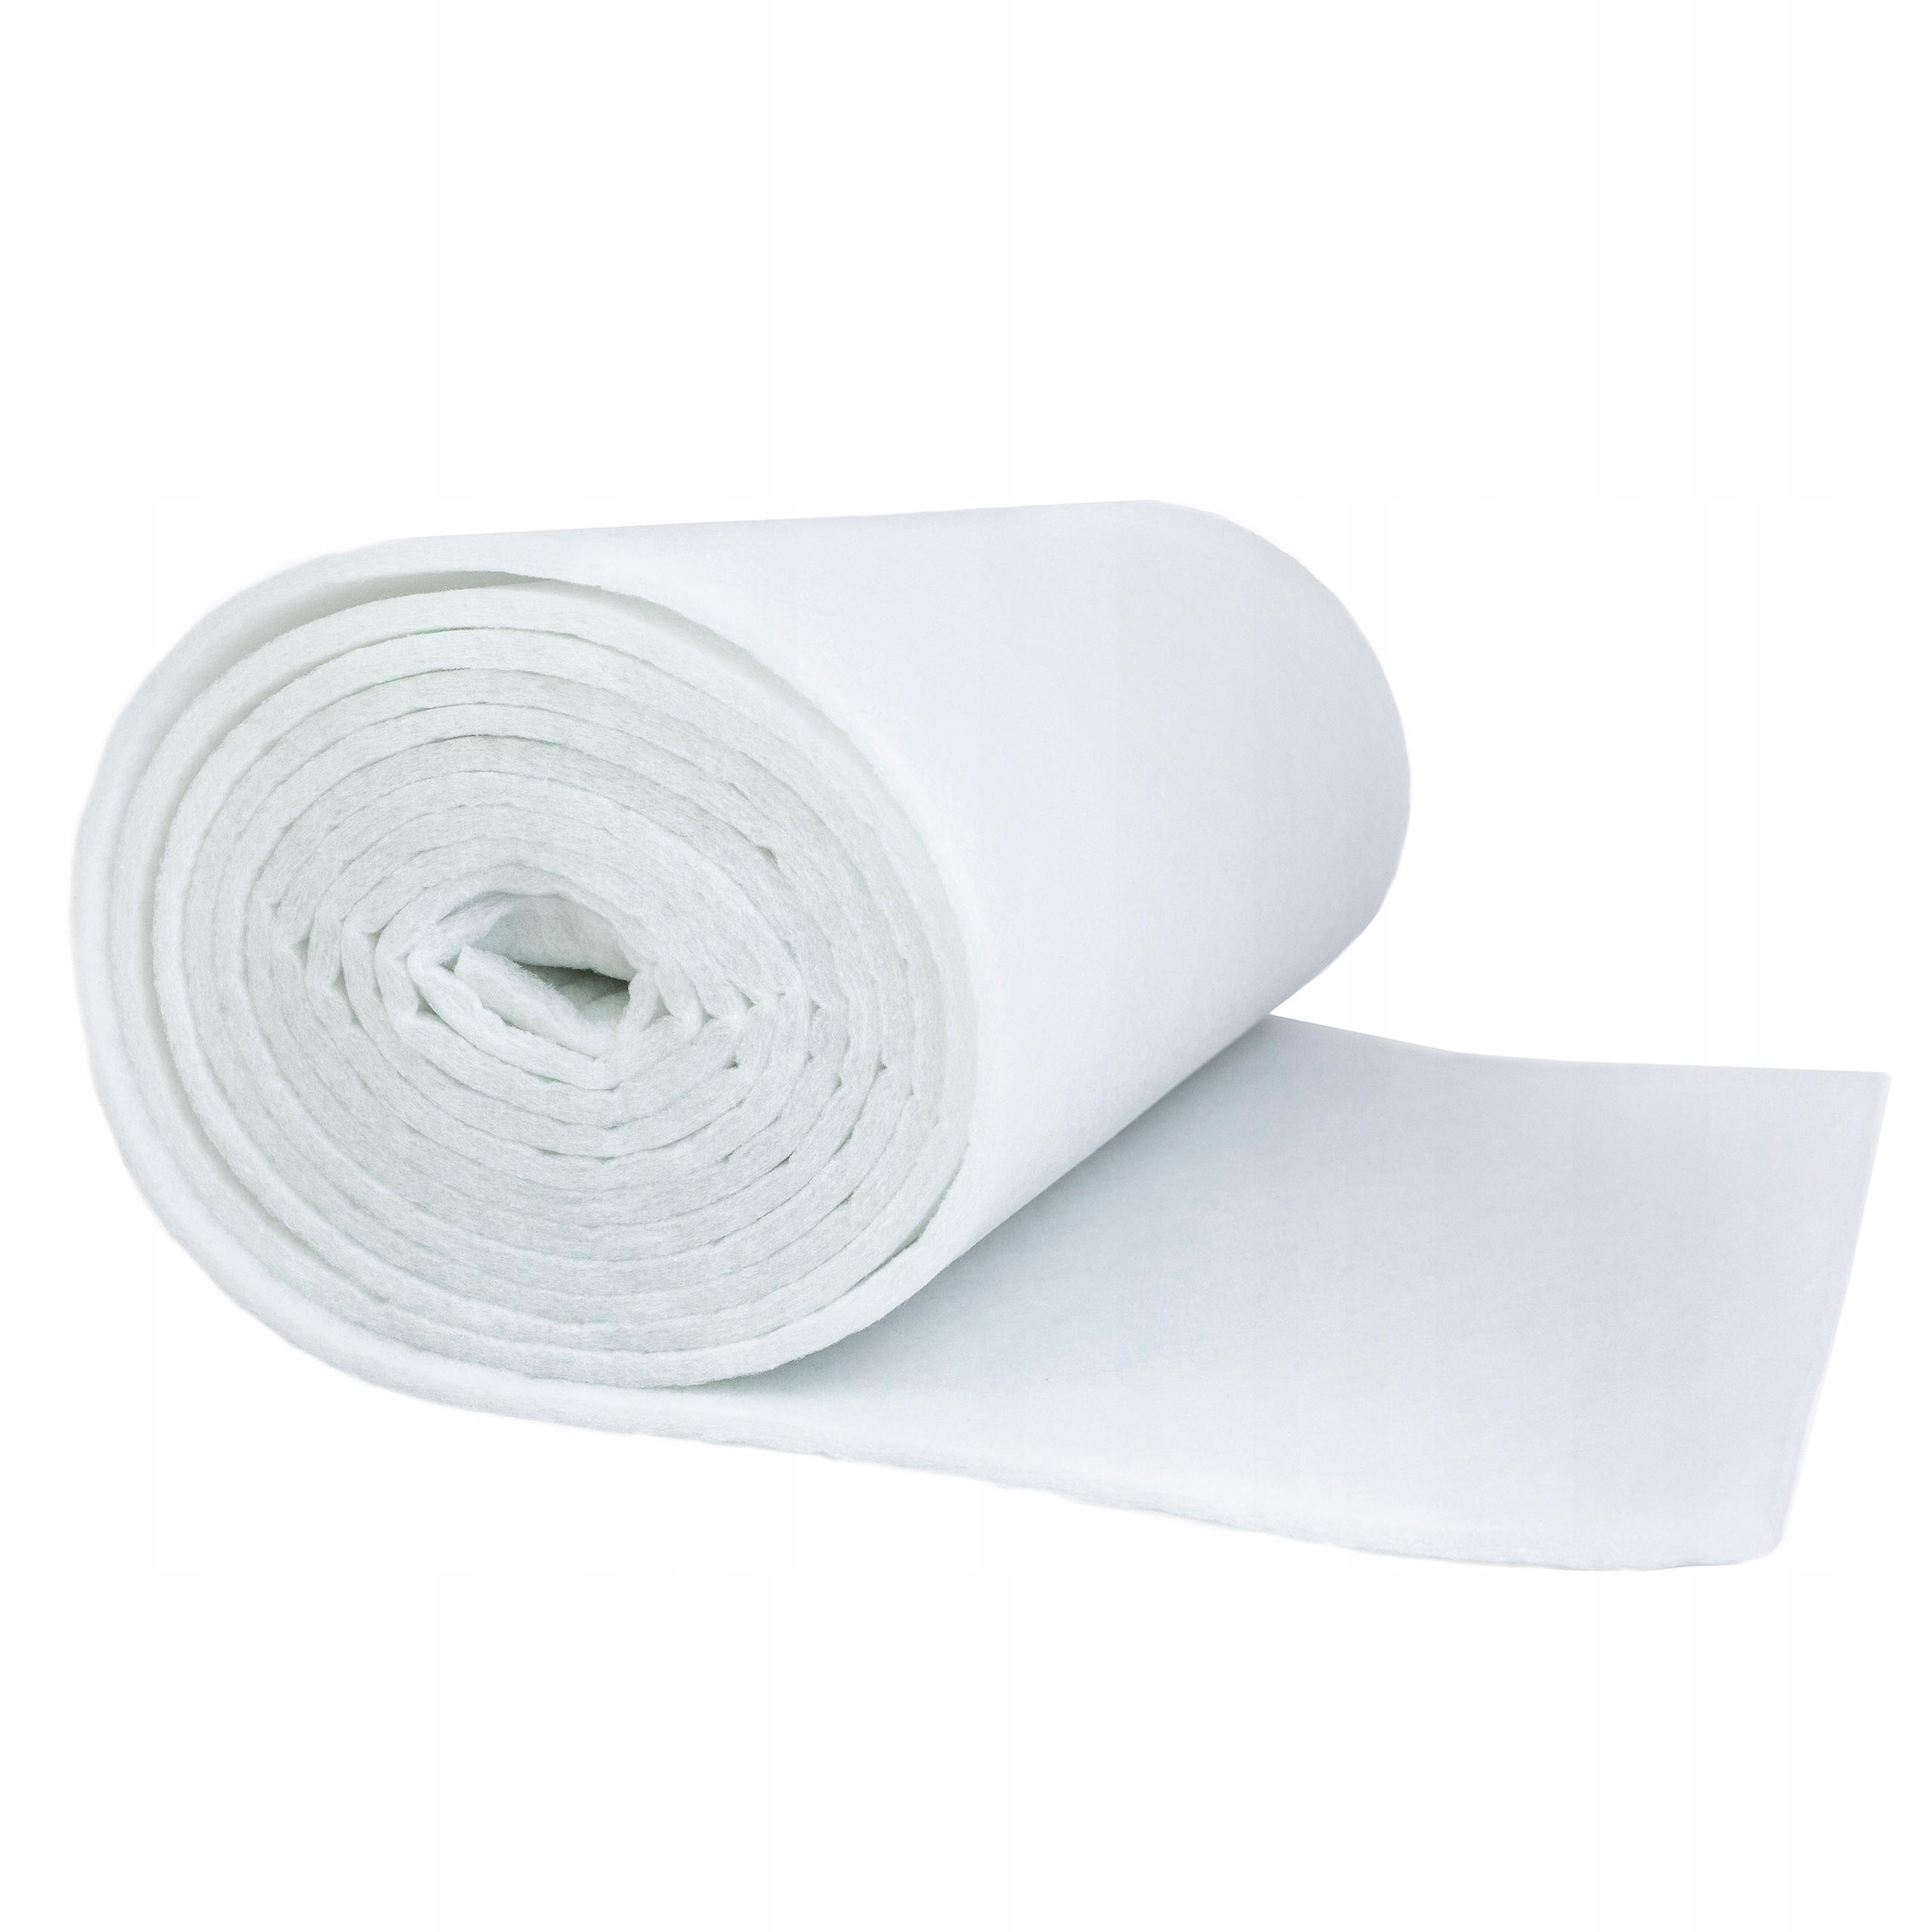 Mata, EU4 netkaná textília - 0,5x20m rekuperátorový filter